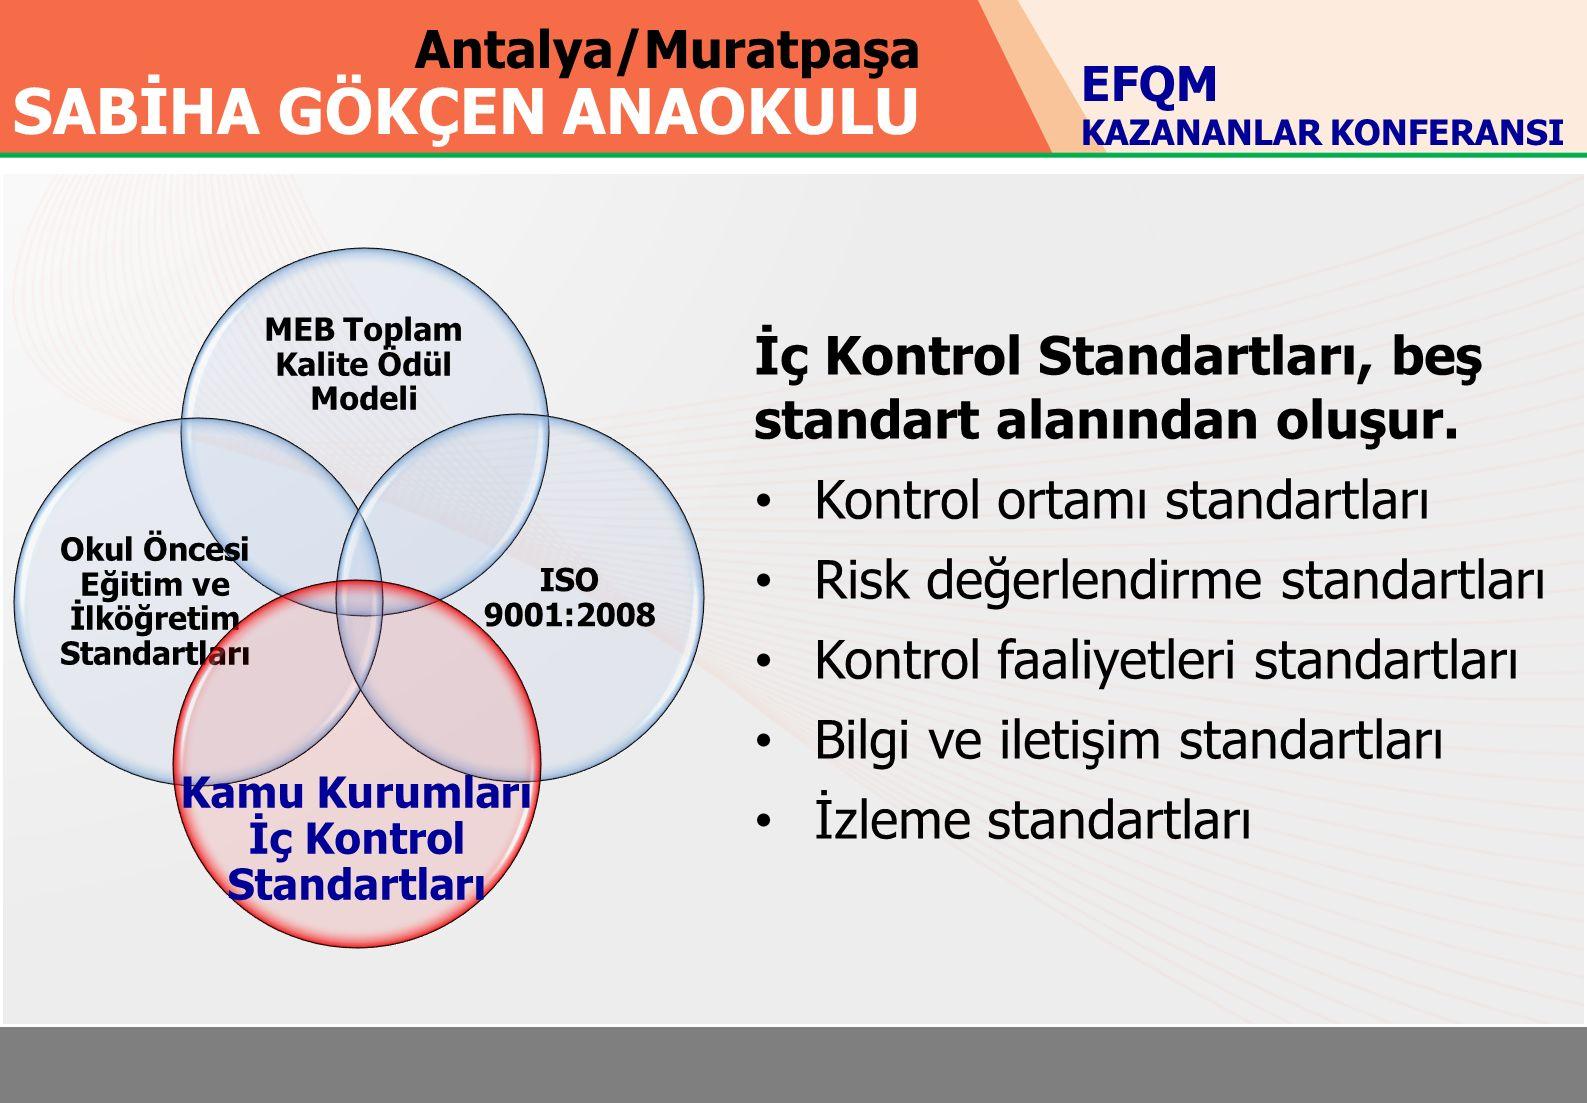 Antalya/Muratpaşa SABİHA GÖKÇEN ANAOKULU MEB Toplam Kalite Ödül Modeli Okul Öncesi Eğitim ve İlköğretim Standartları ISO 9001:2008 Kamu Kurumları İç Kontrol Standartları İç Kontrol Standartları, beş standart alanından oluşur.